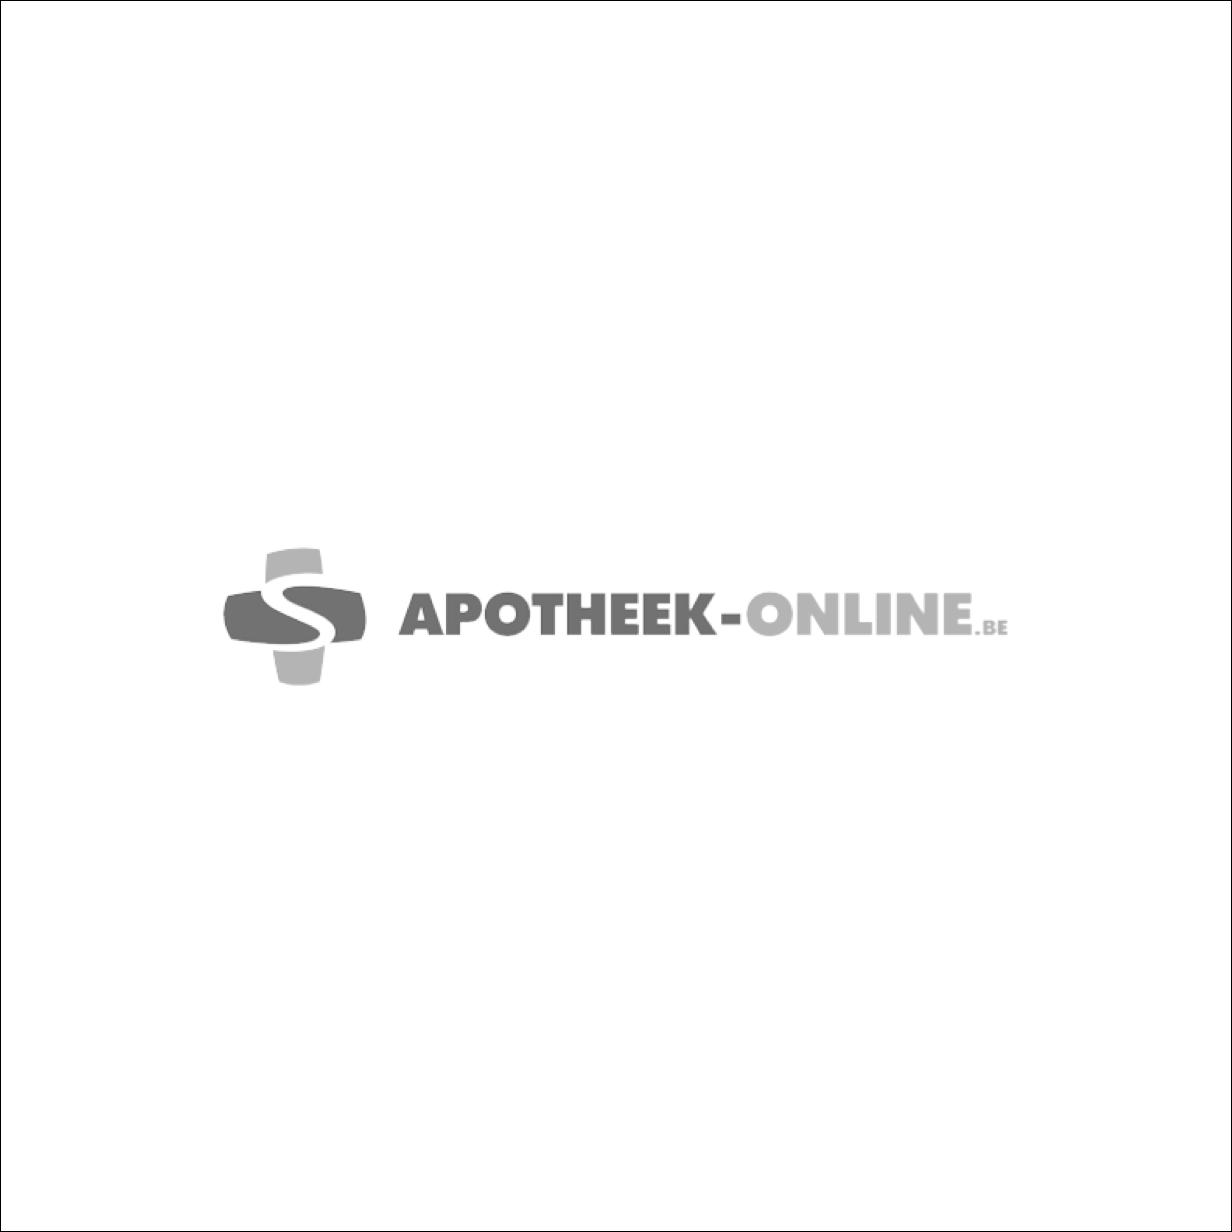 Bota Handpolsband + Duim 105 Skin N3 1 Stuk